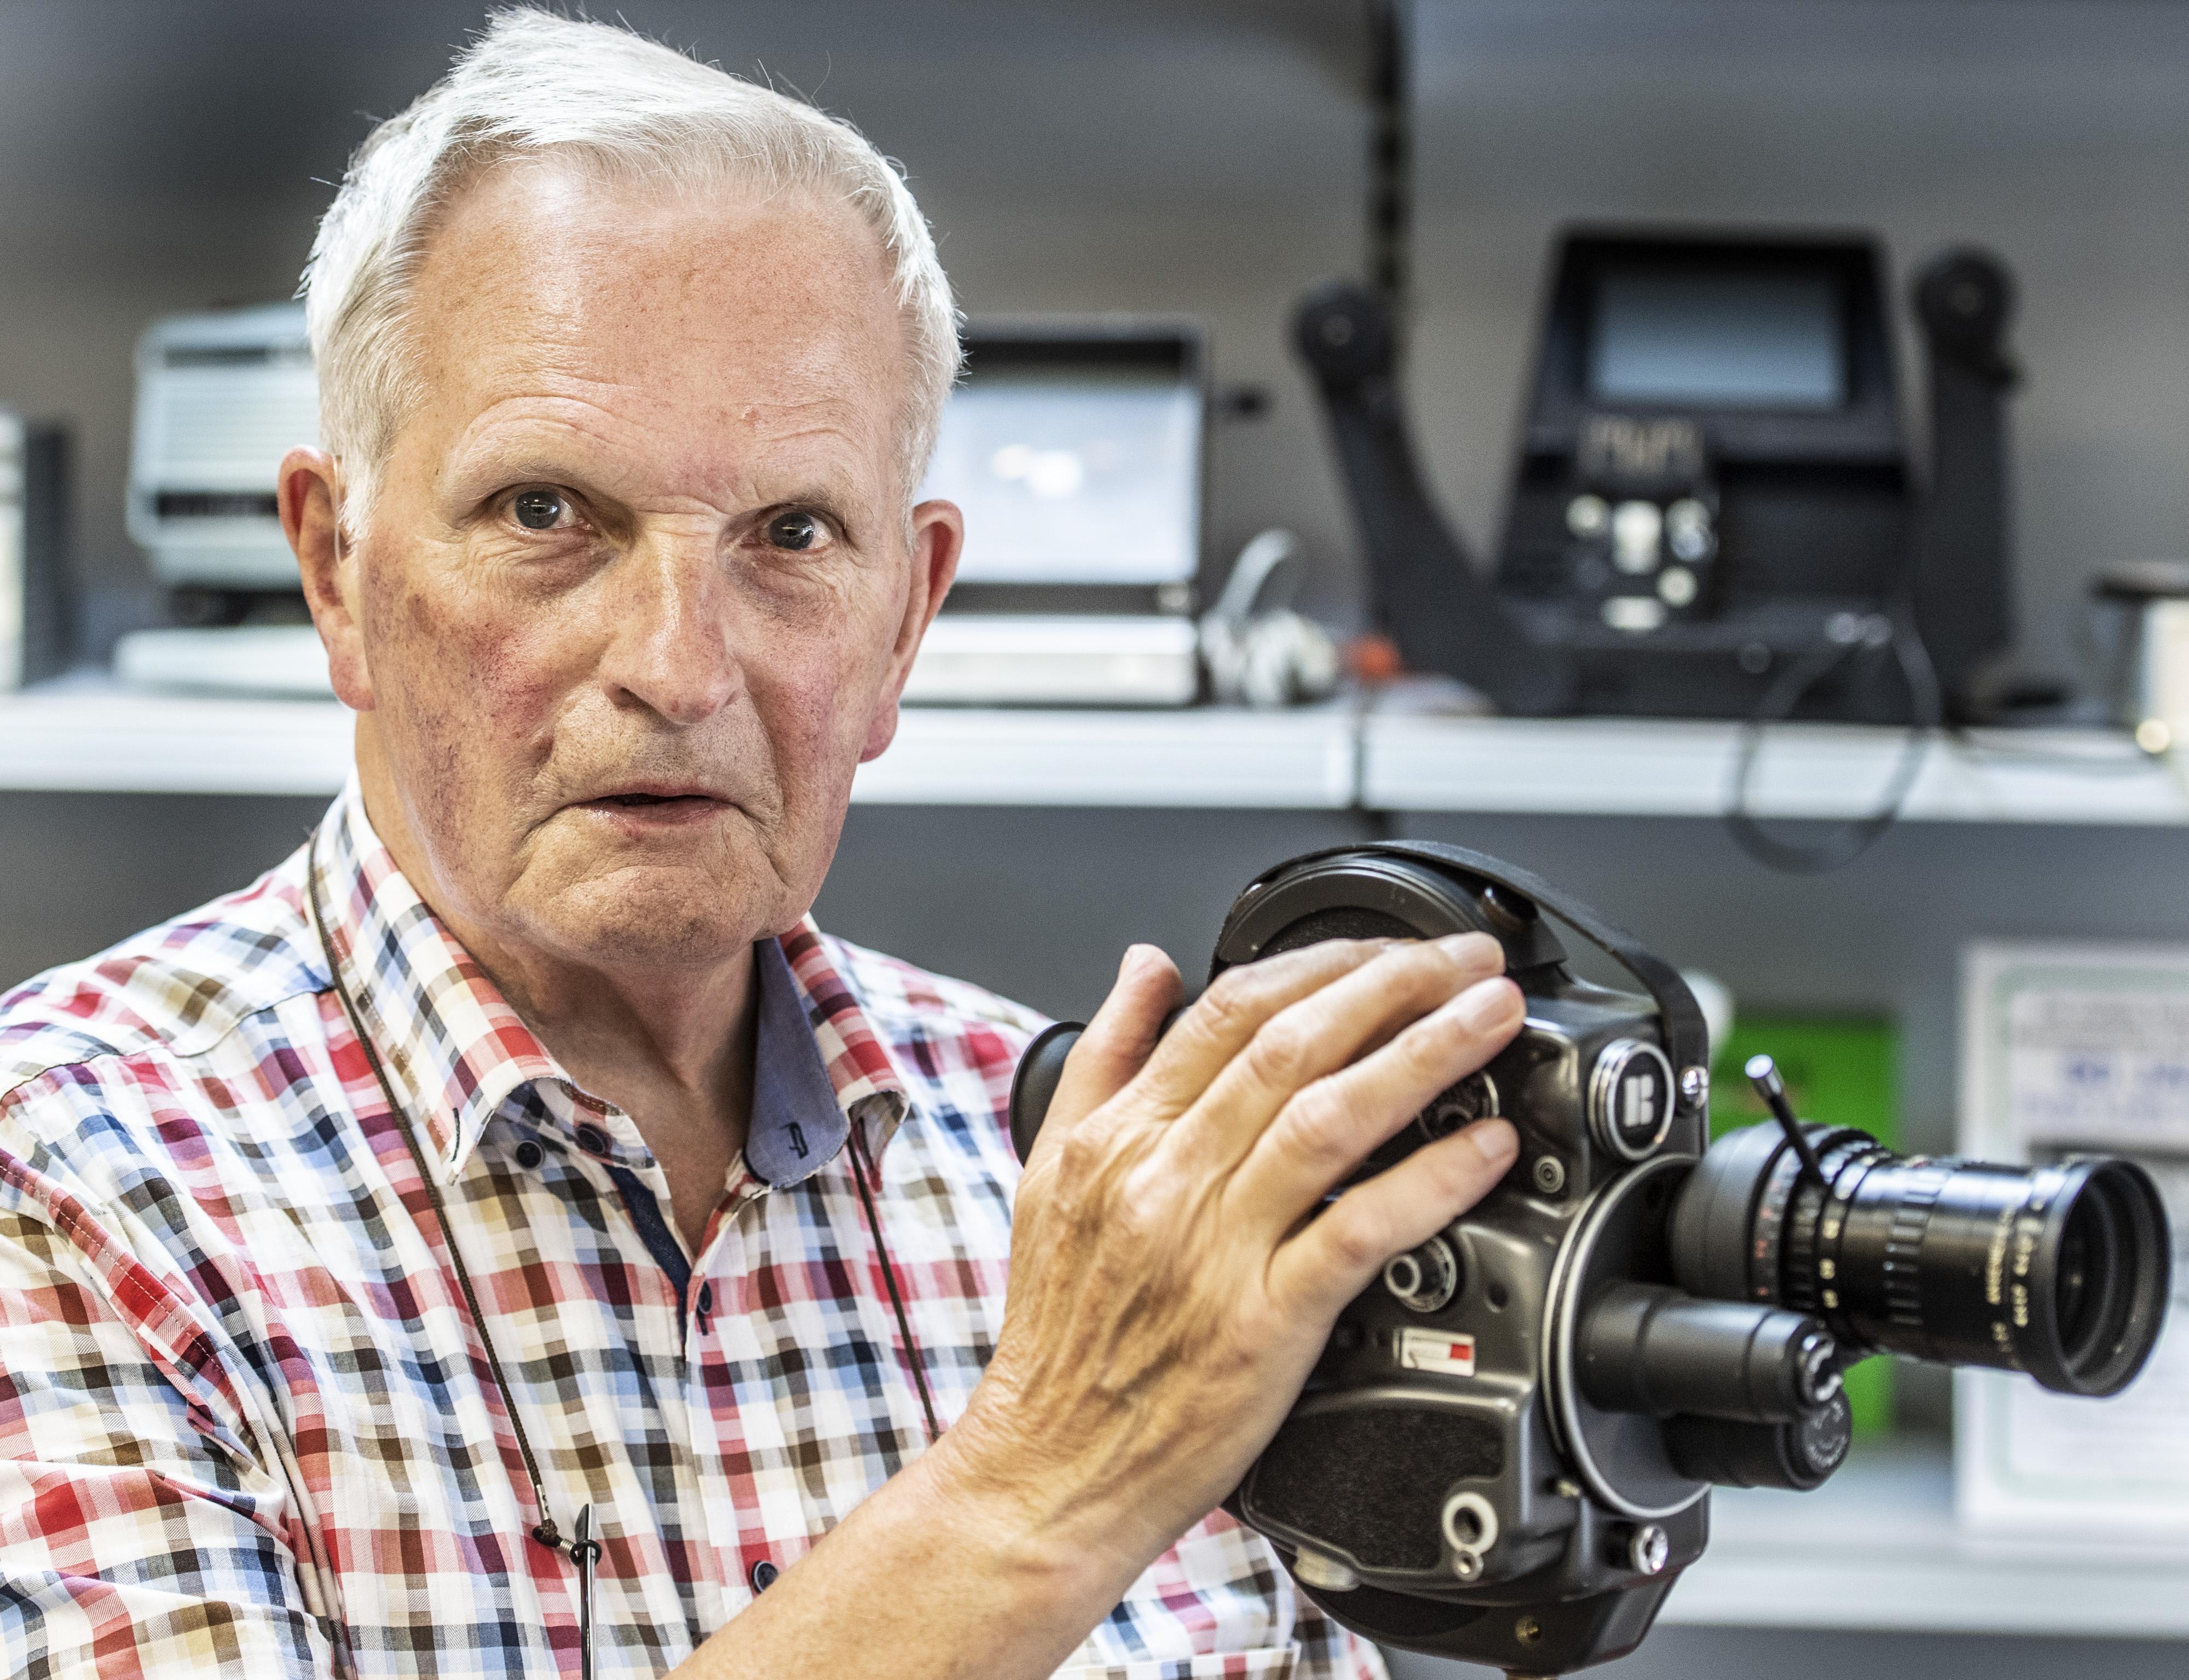 Afscheidsborrel voor scheidende fotograaf Loek Anderson uit IJmuiden